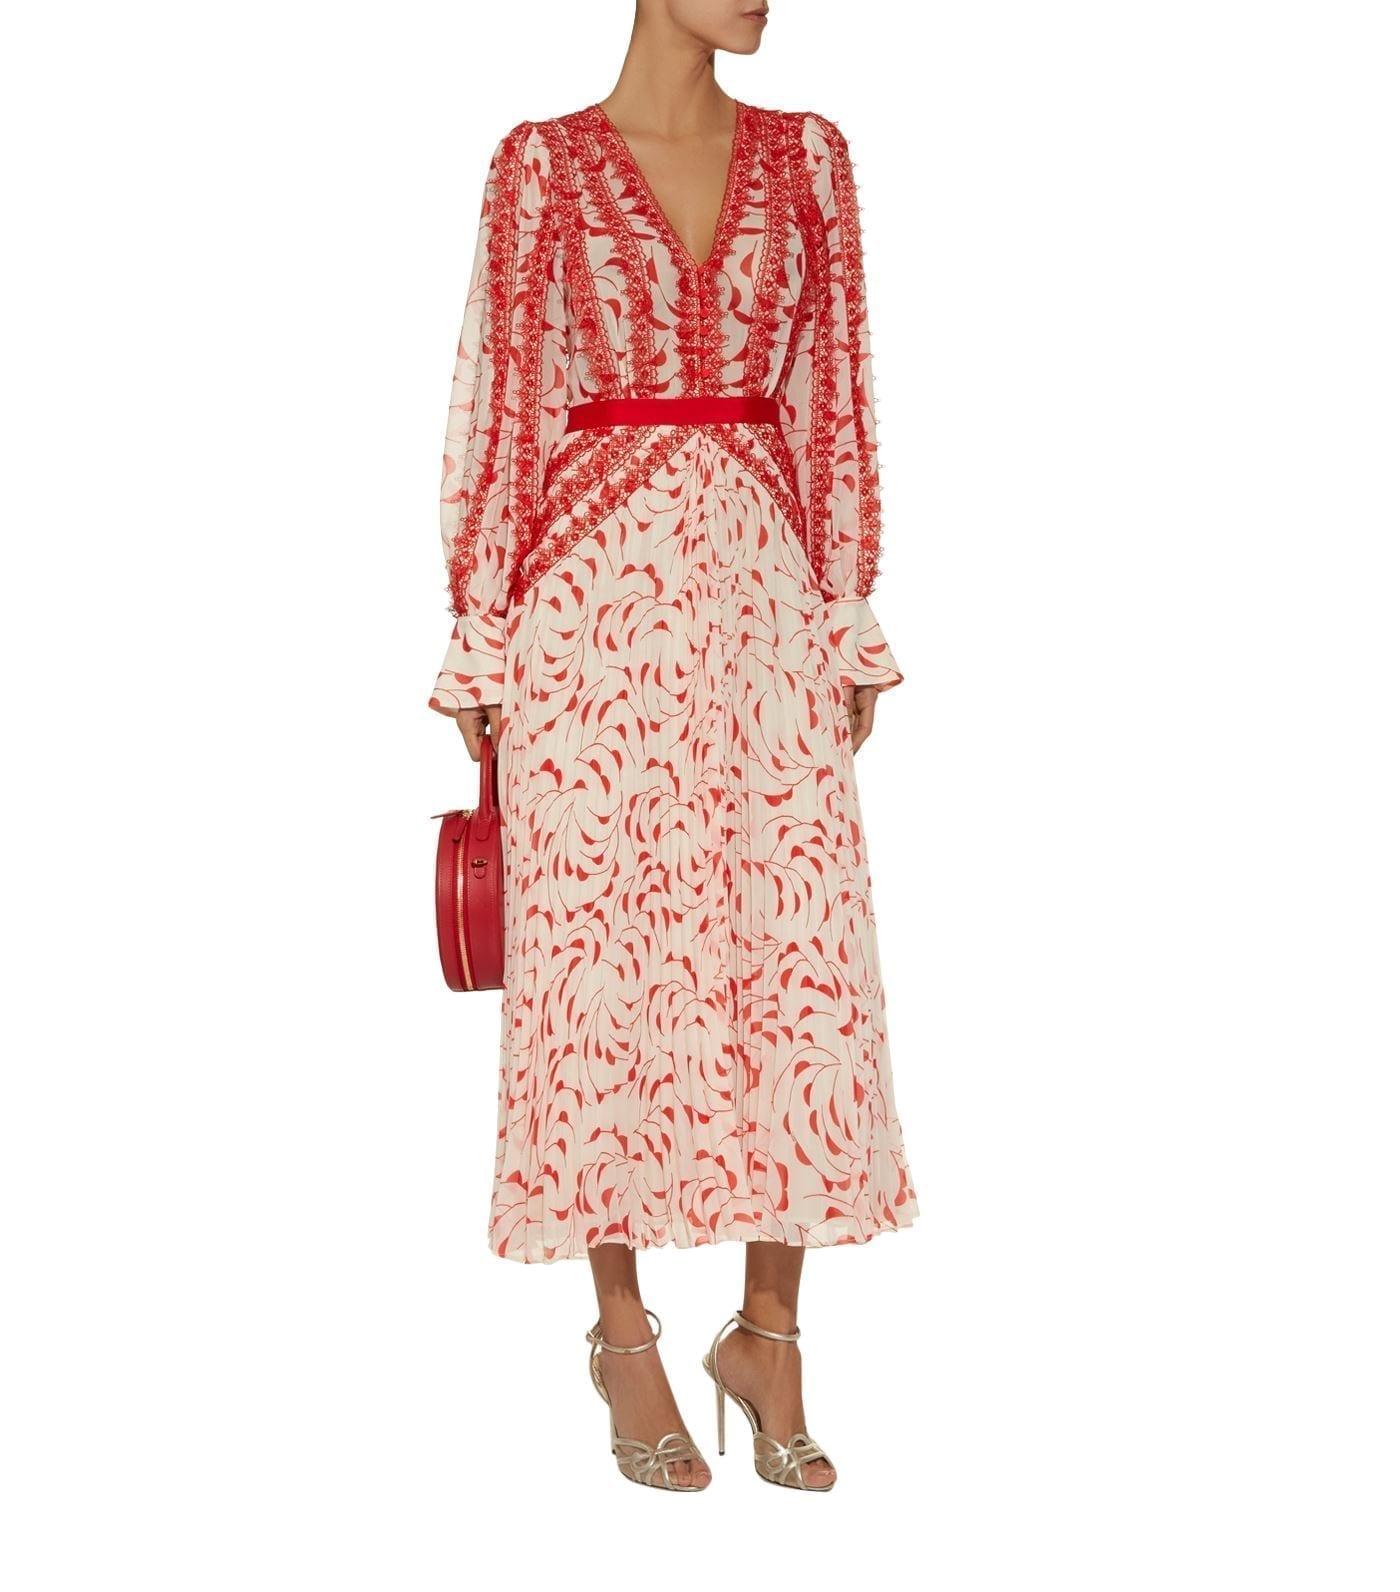 c2c8cb293c SELF-PORTRAIT Crescent Print Chiffon Red Dress - We Select Dresses